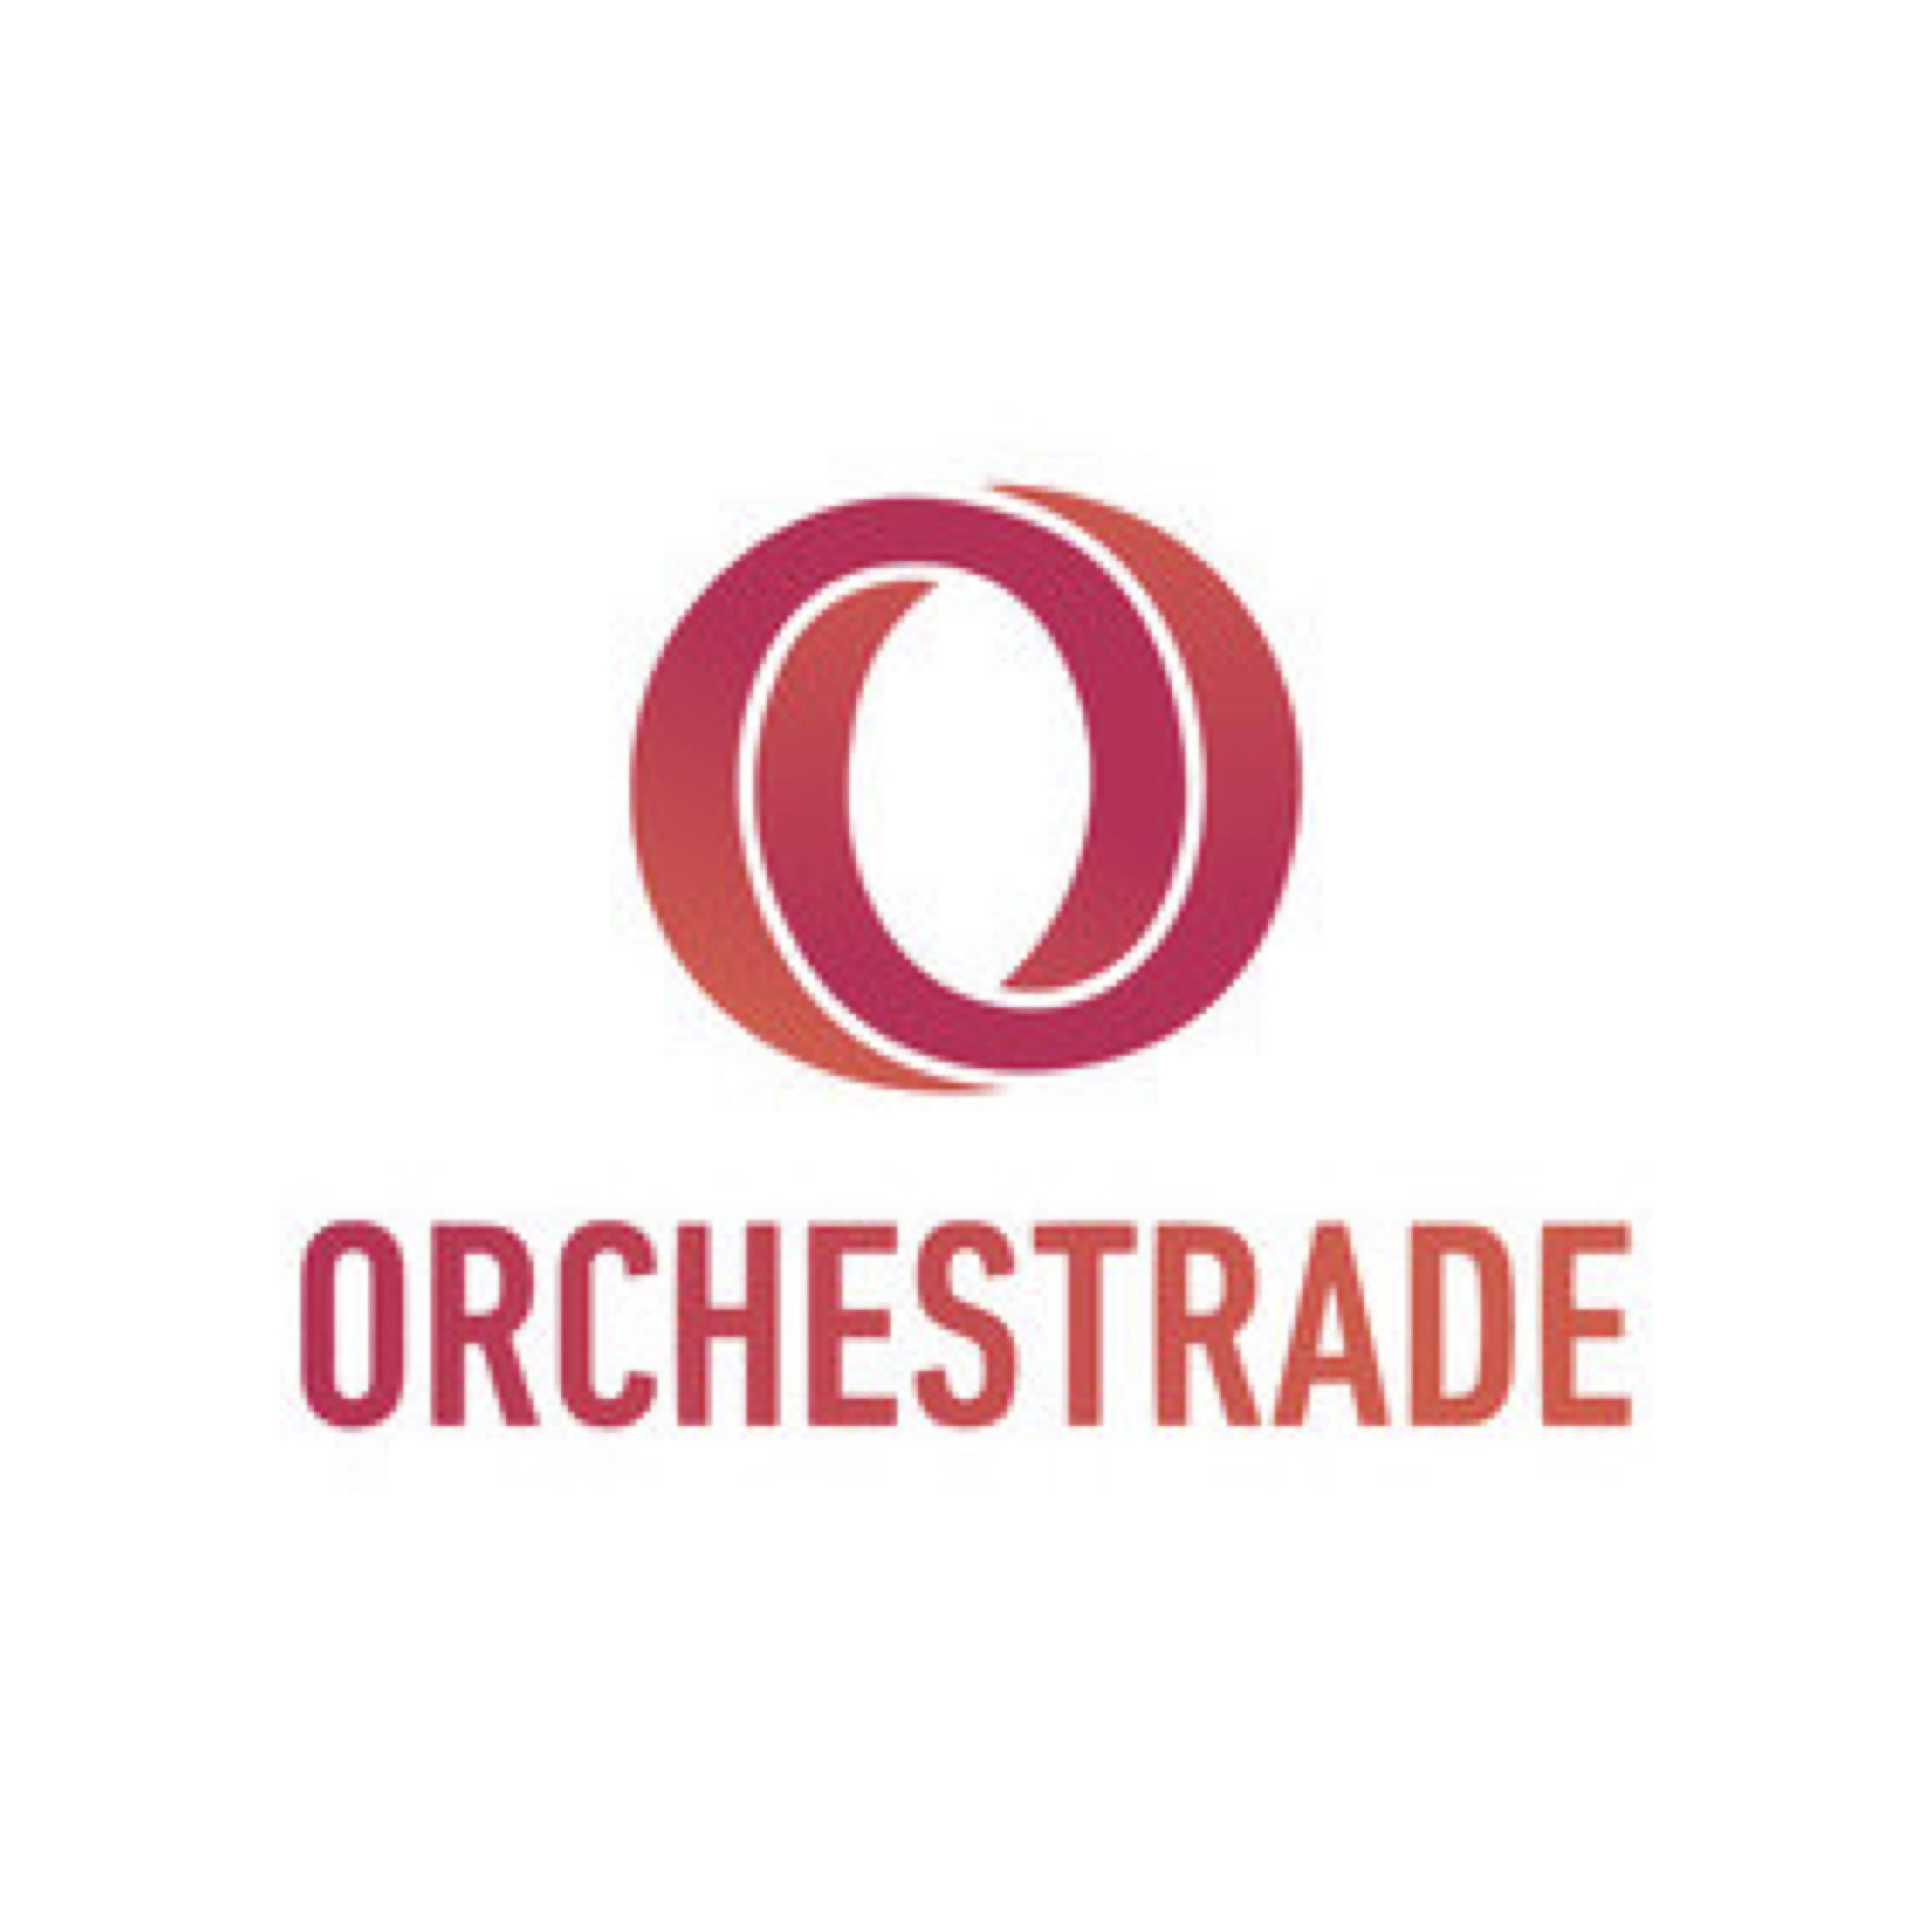 Orchesrade_Square